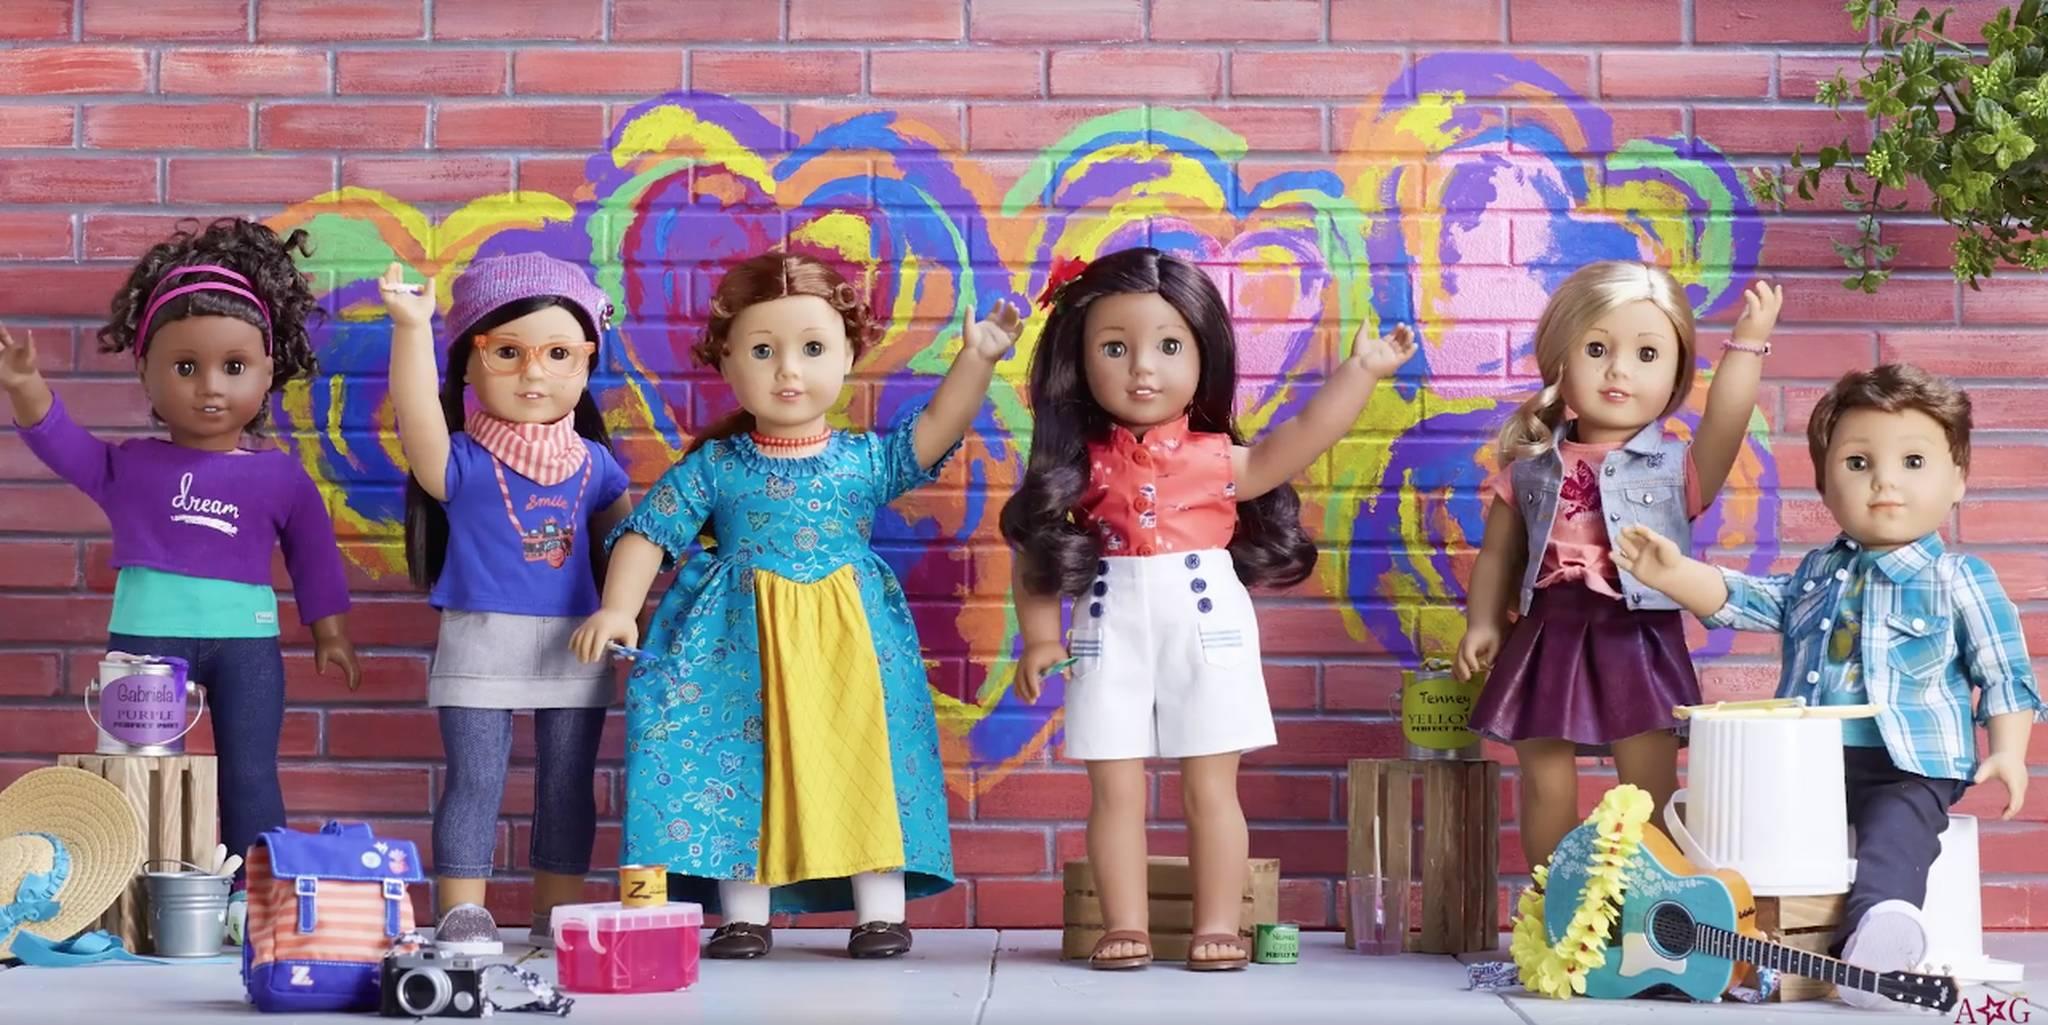 American Girl Dolls - Boy Doll Logan